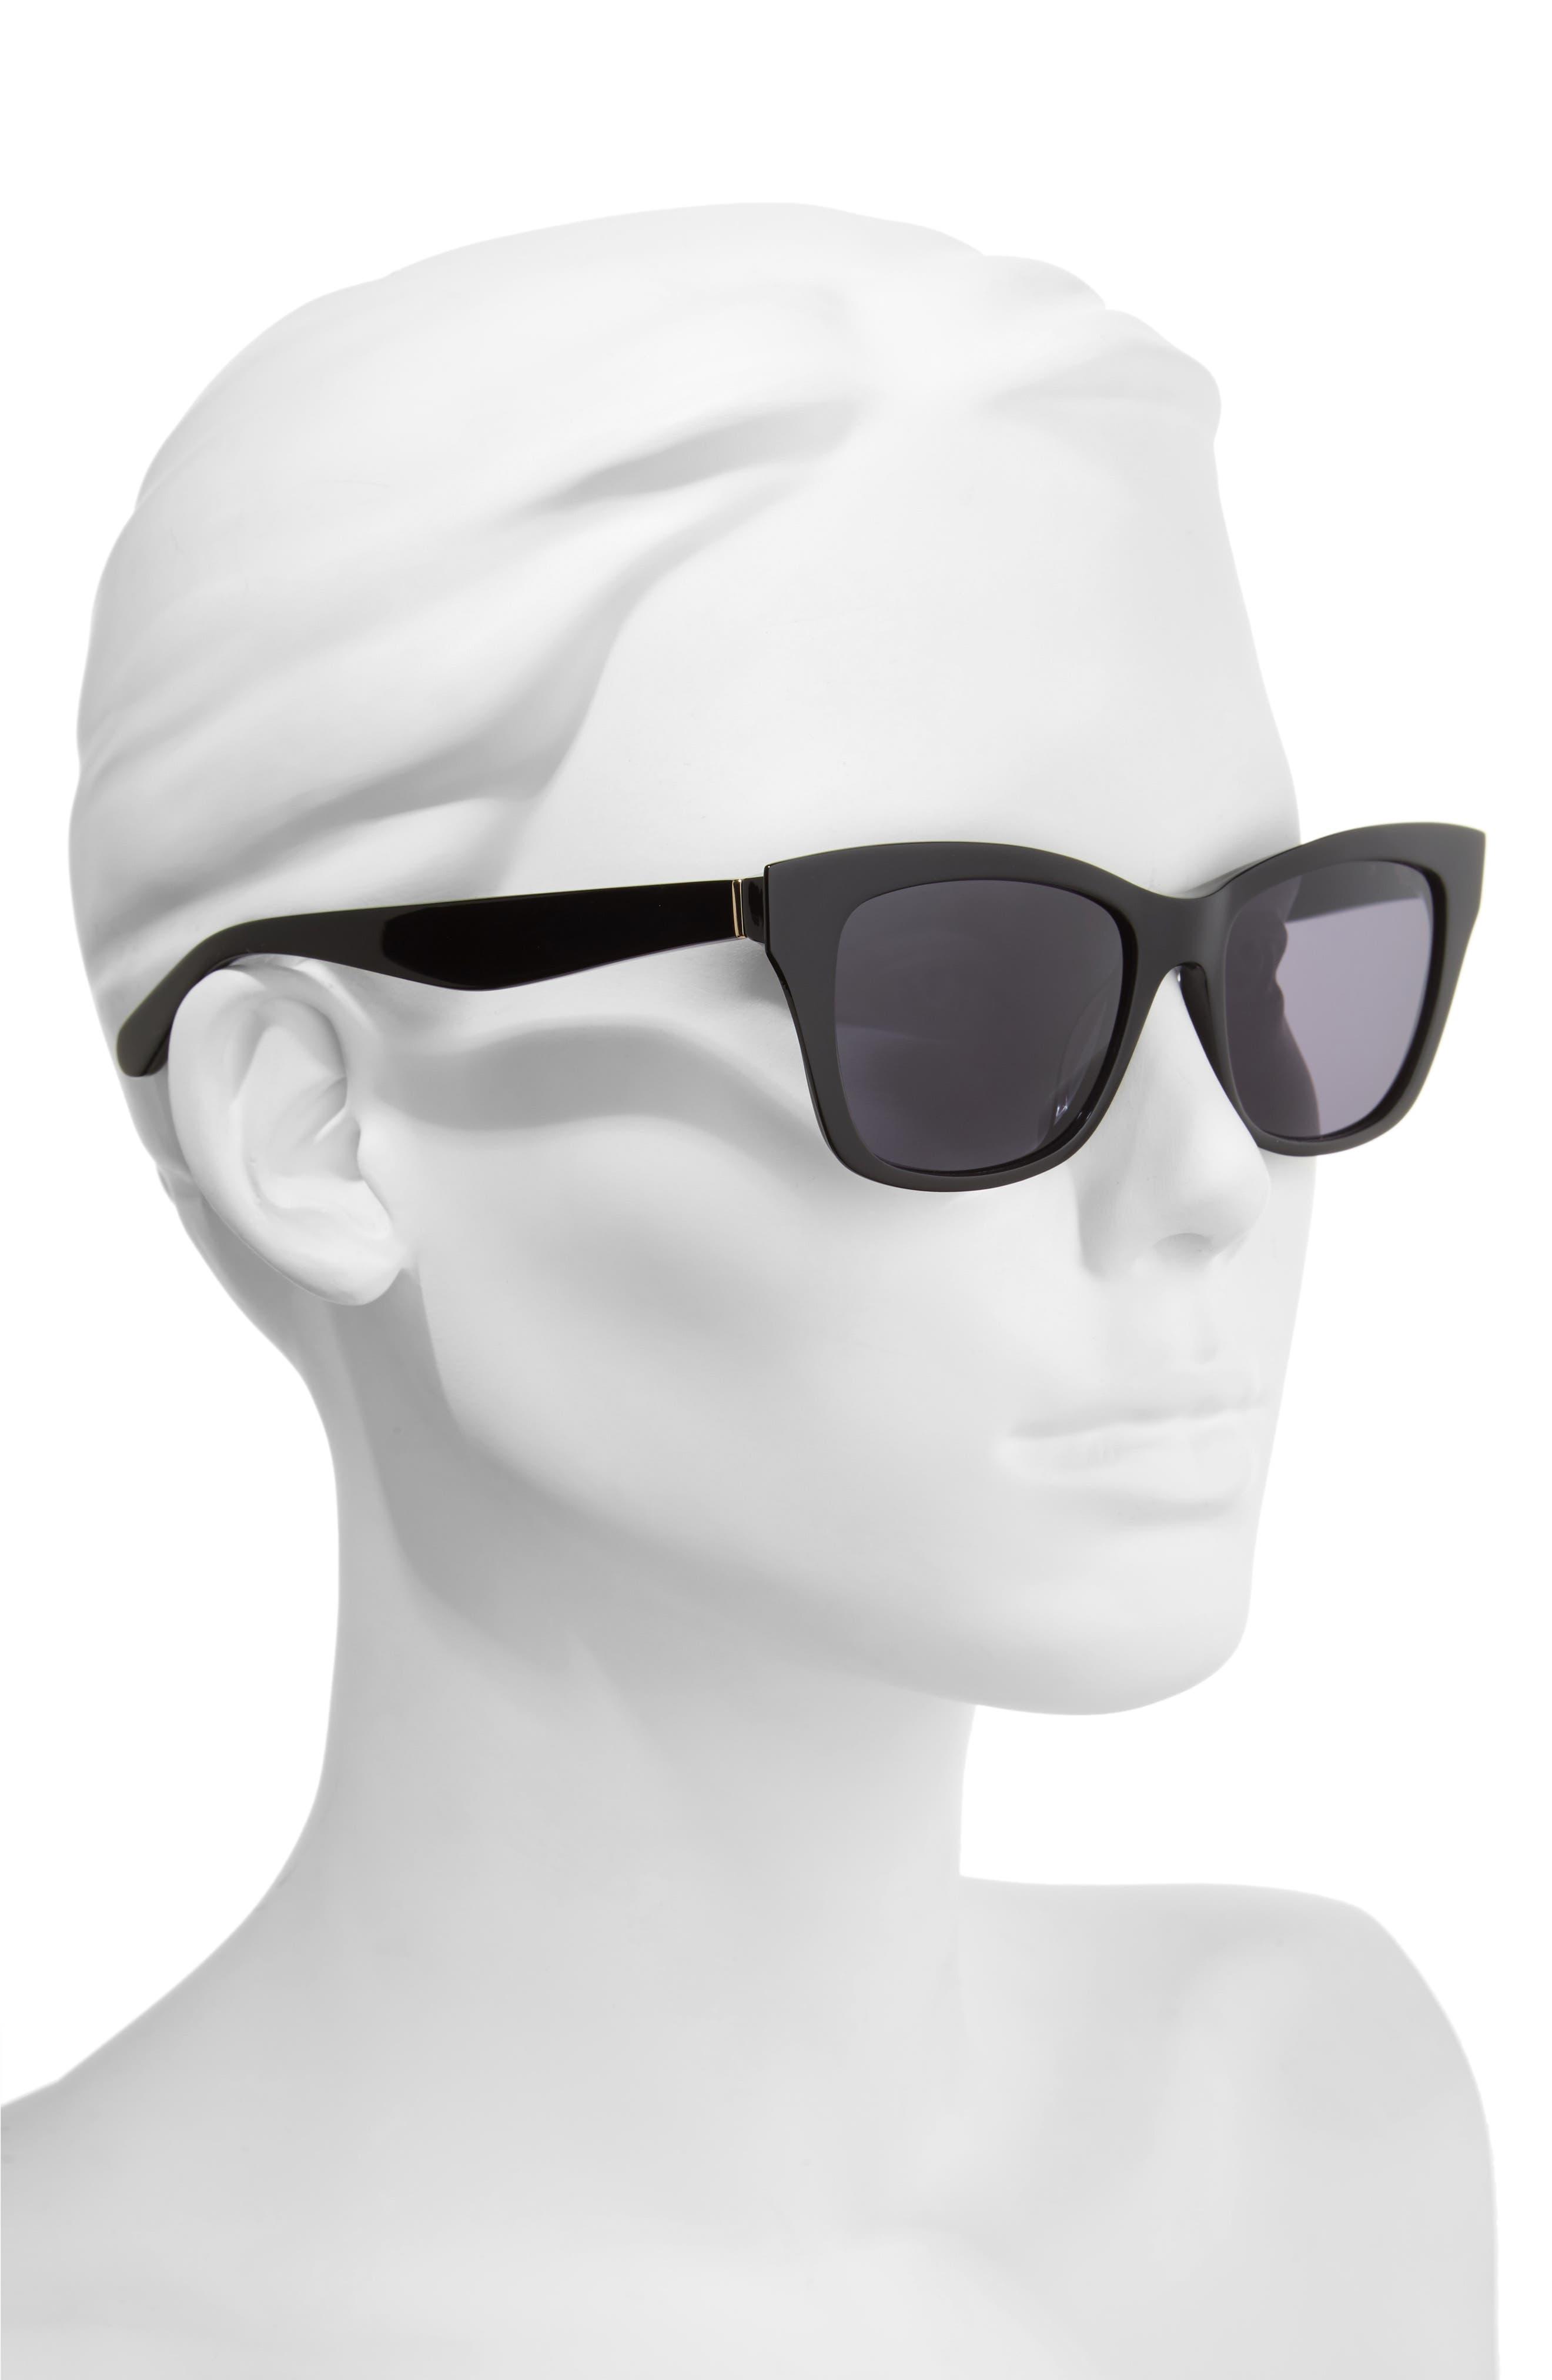 jenae 53mm sunglasses,                             Alternate thumbnail 2, color,                             001